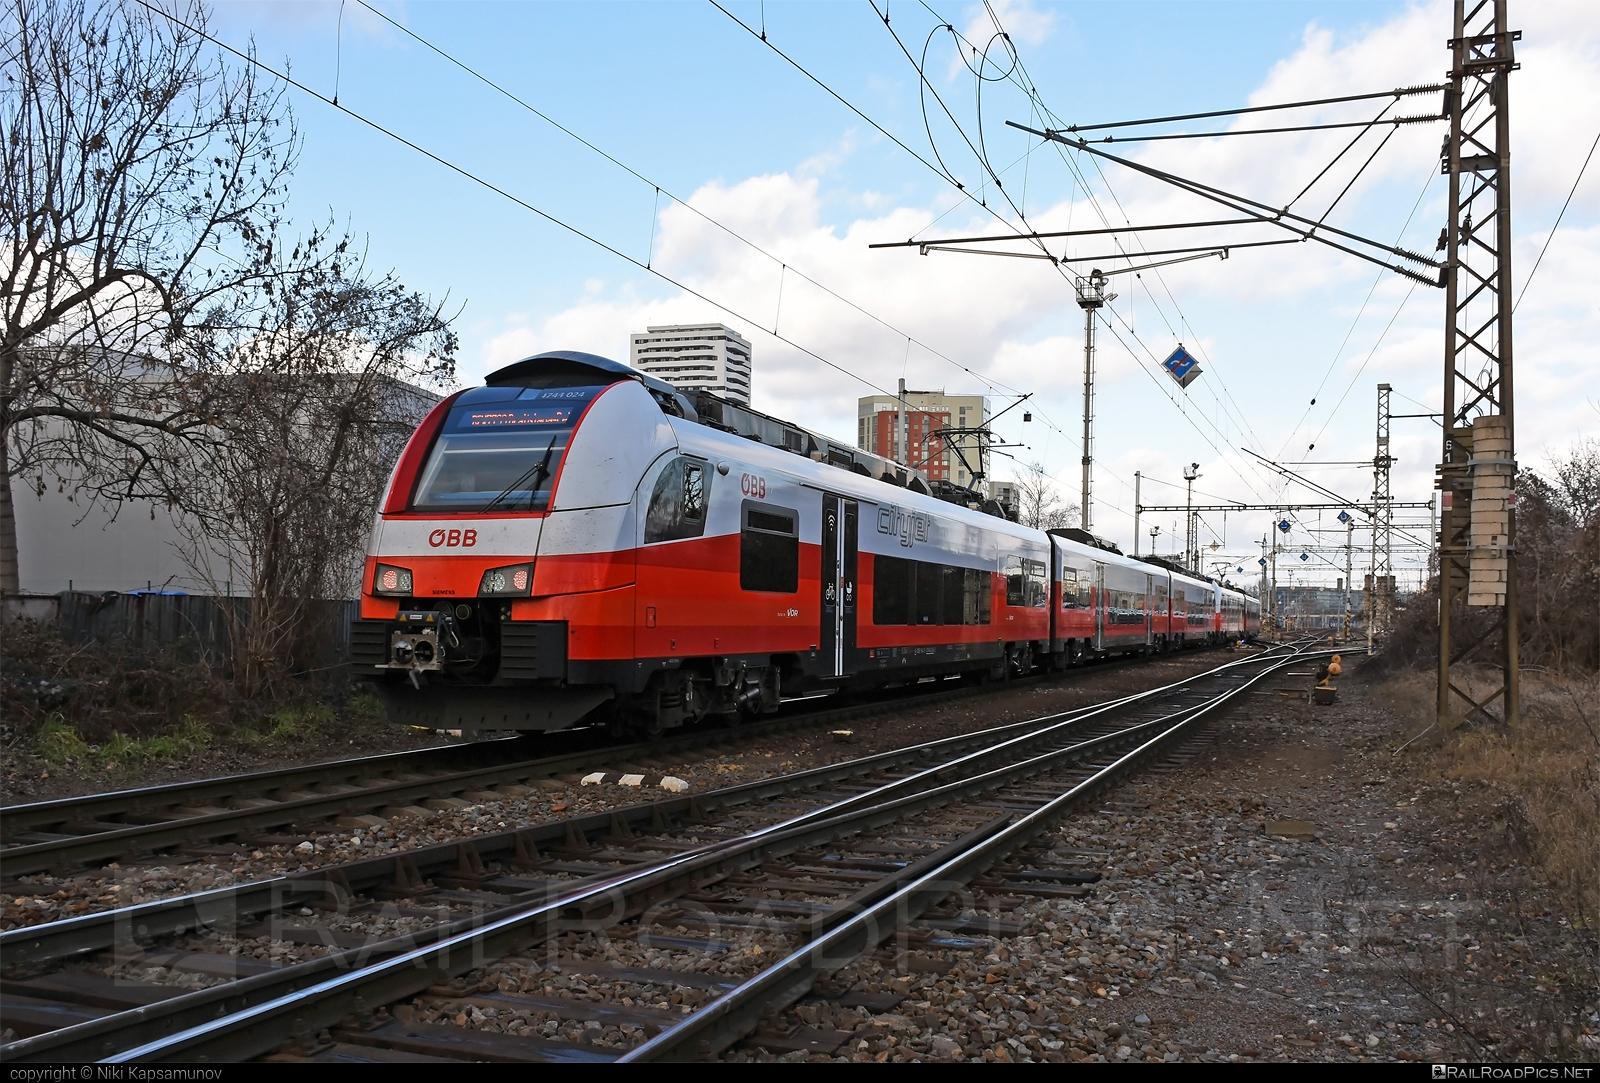 Siemens Desiro ML - 4744 024 operated by Österreichische Bundesbahnen #cityjet #desiro #desiroml #obb #obbcityjet #osterreichischebundesbahnen #siemens #siemensdesiro #siemensdesiroml